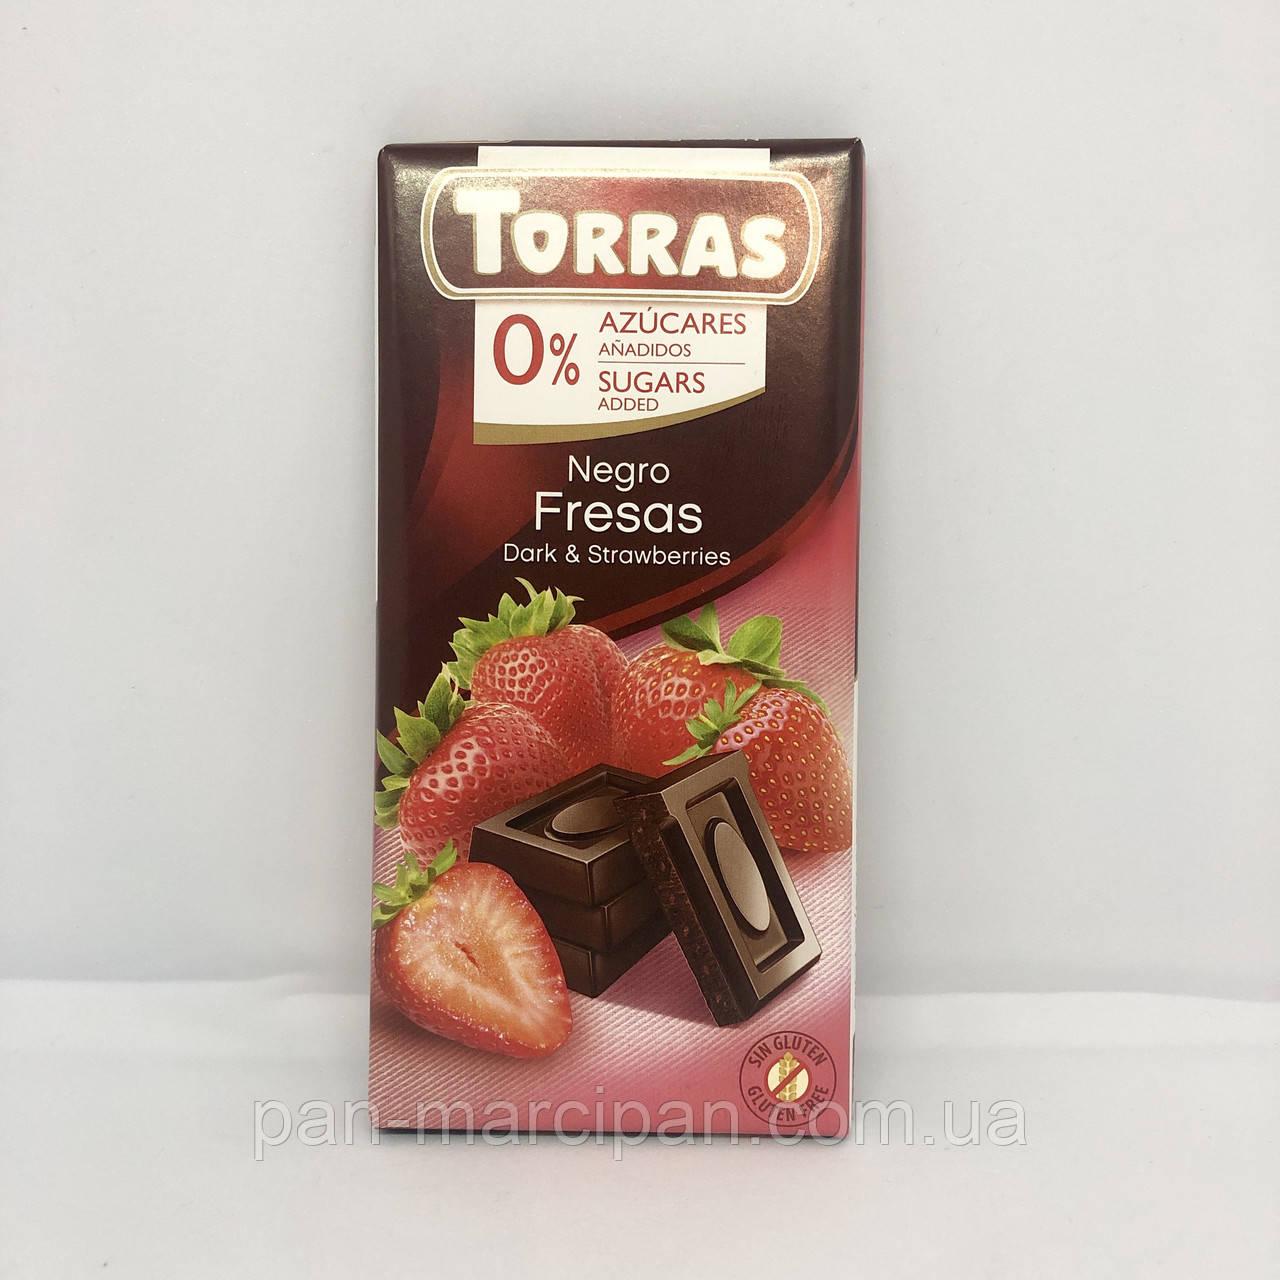 Шоколад Torras темний з полуницею Іспанія 75г